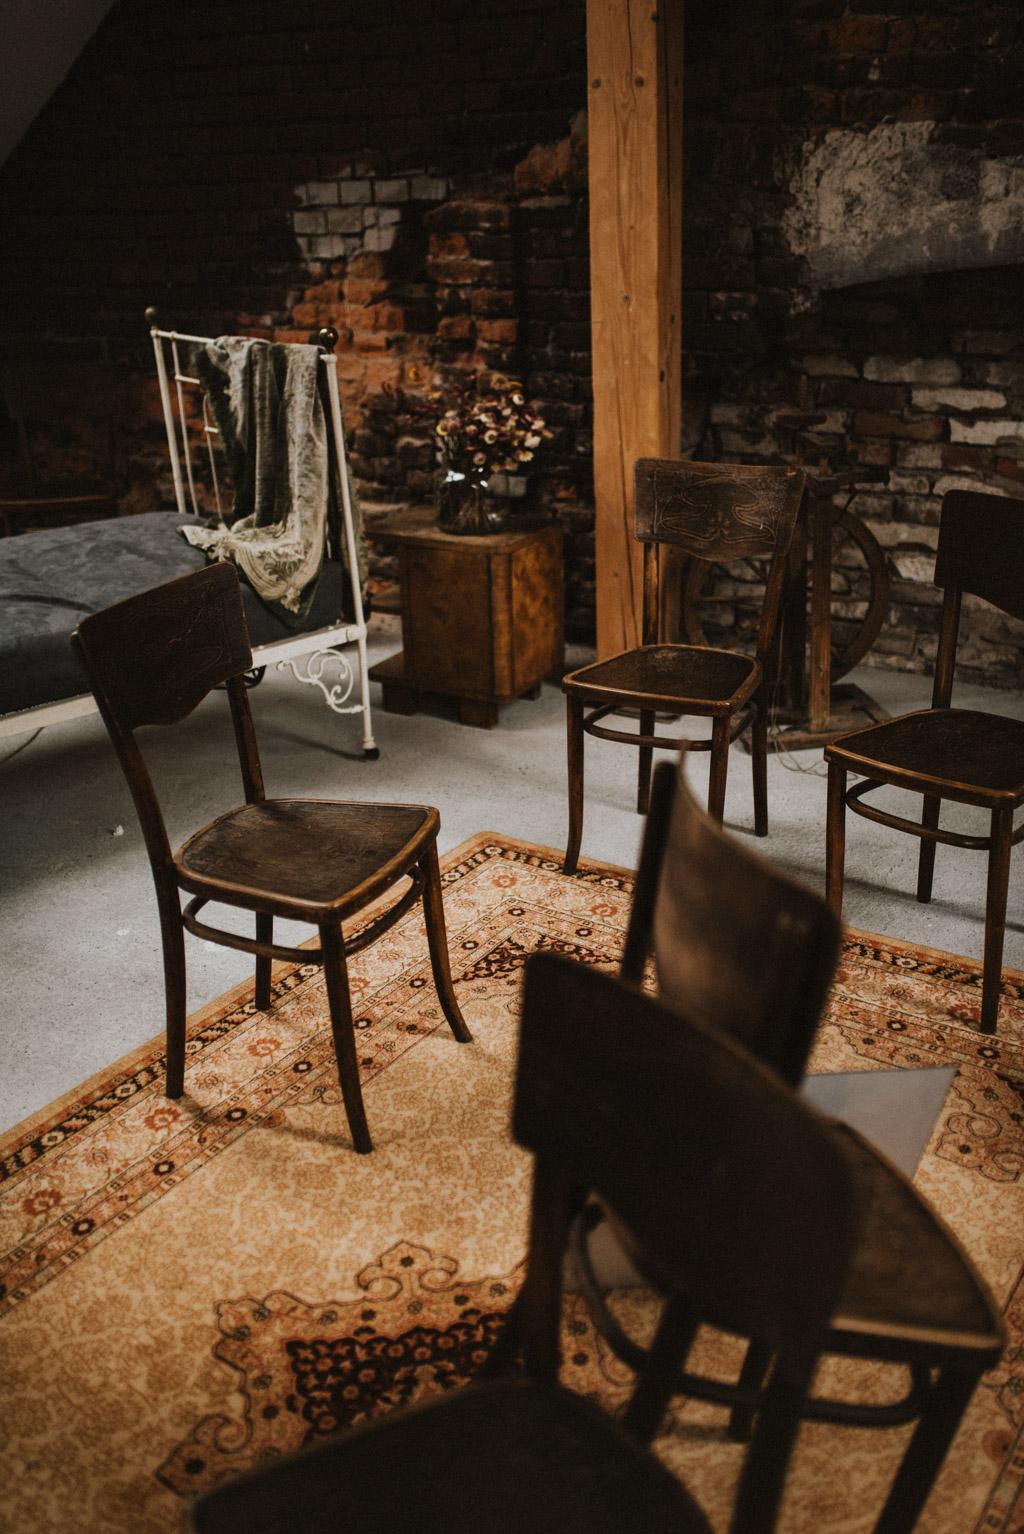 kotulińskiego 6 k6 przestrzeńkreatywna krzesła na poddaszu wystrój